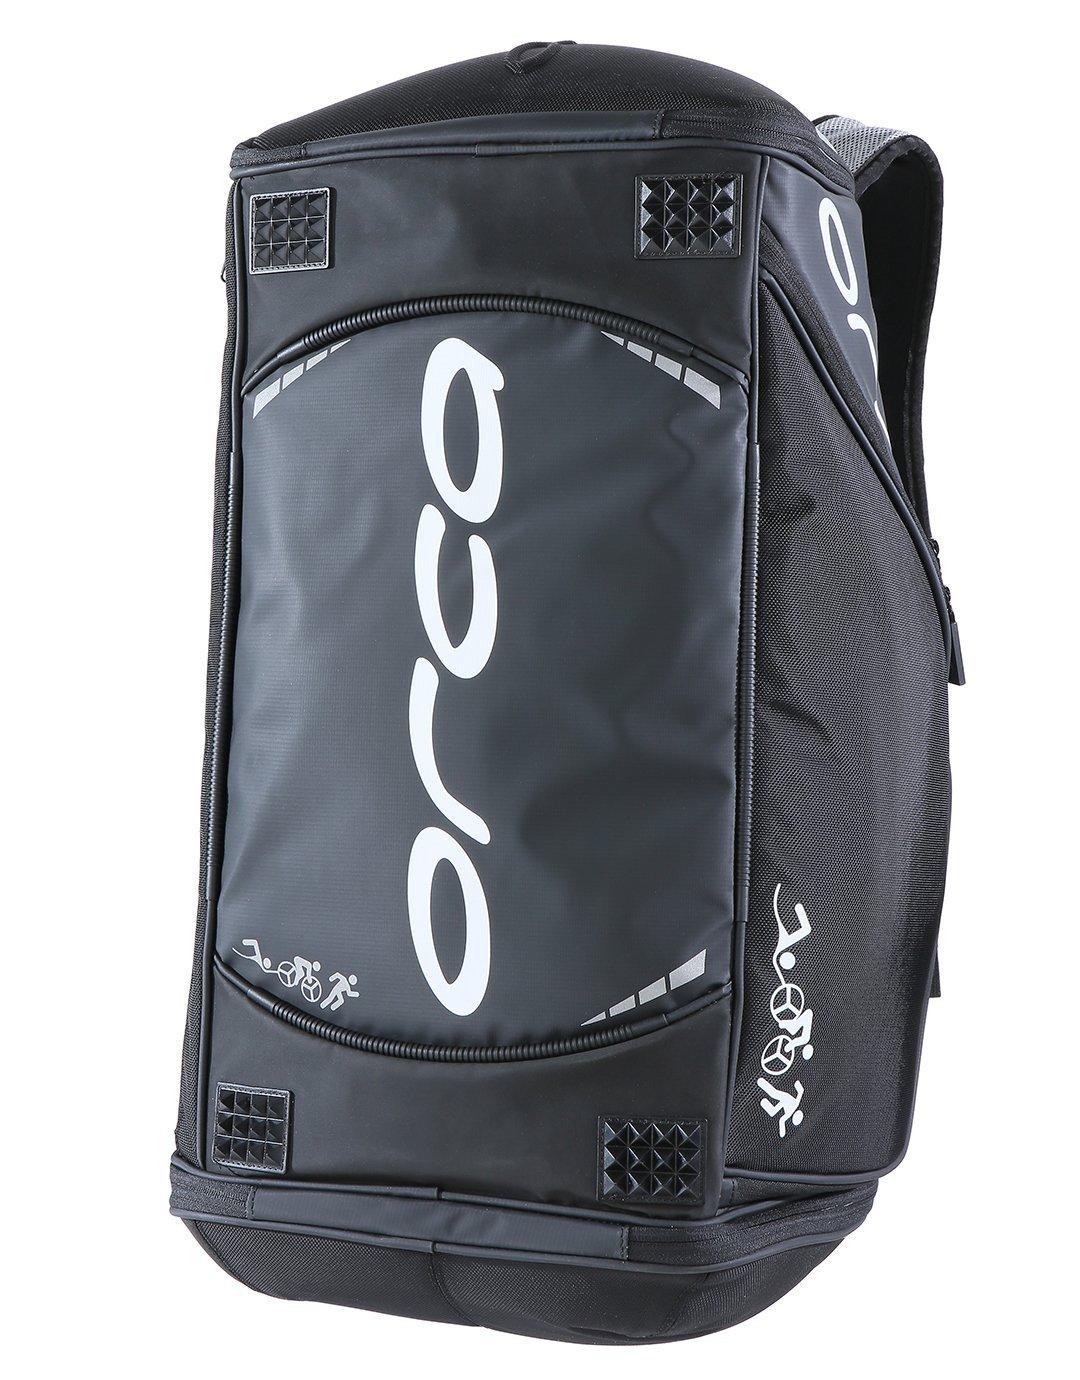 競売 ORCA(オルカ) 自転車 ブラック トライアスロン バックパッカー トランジションバッグ ブラック ORCA(オルカ) 容量75L B01HEU8QF4 FVAR0001 B01HEU8QF4, PLUS SPICE:42146489 --- albertlynchs.com